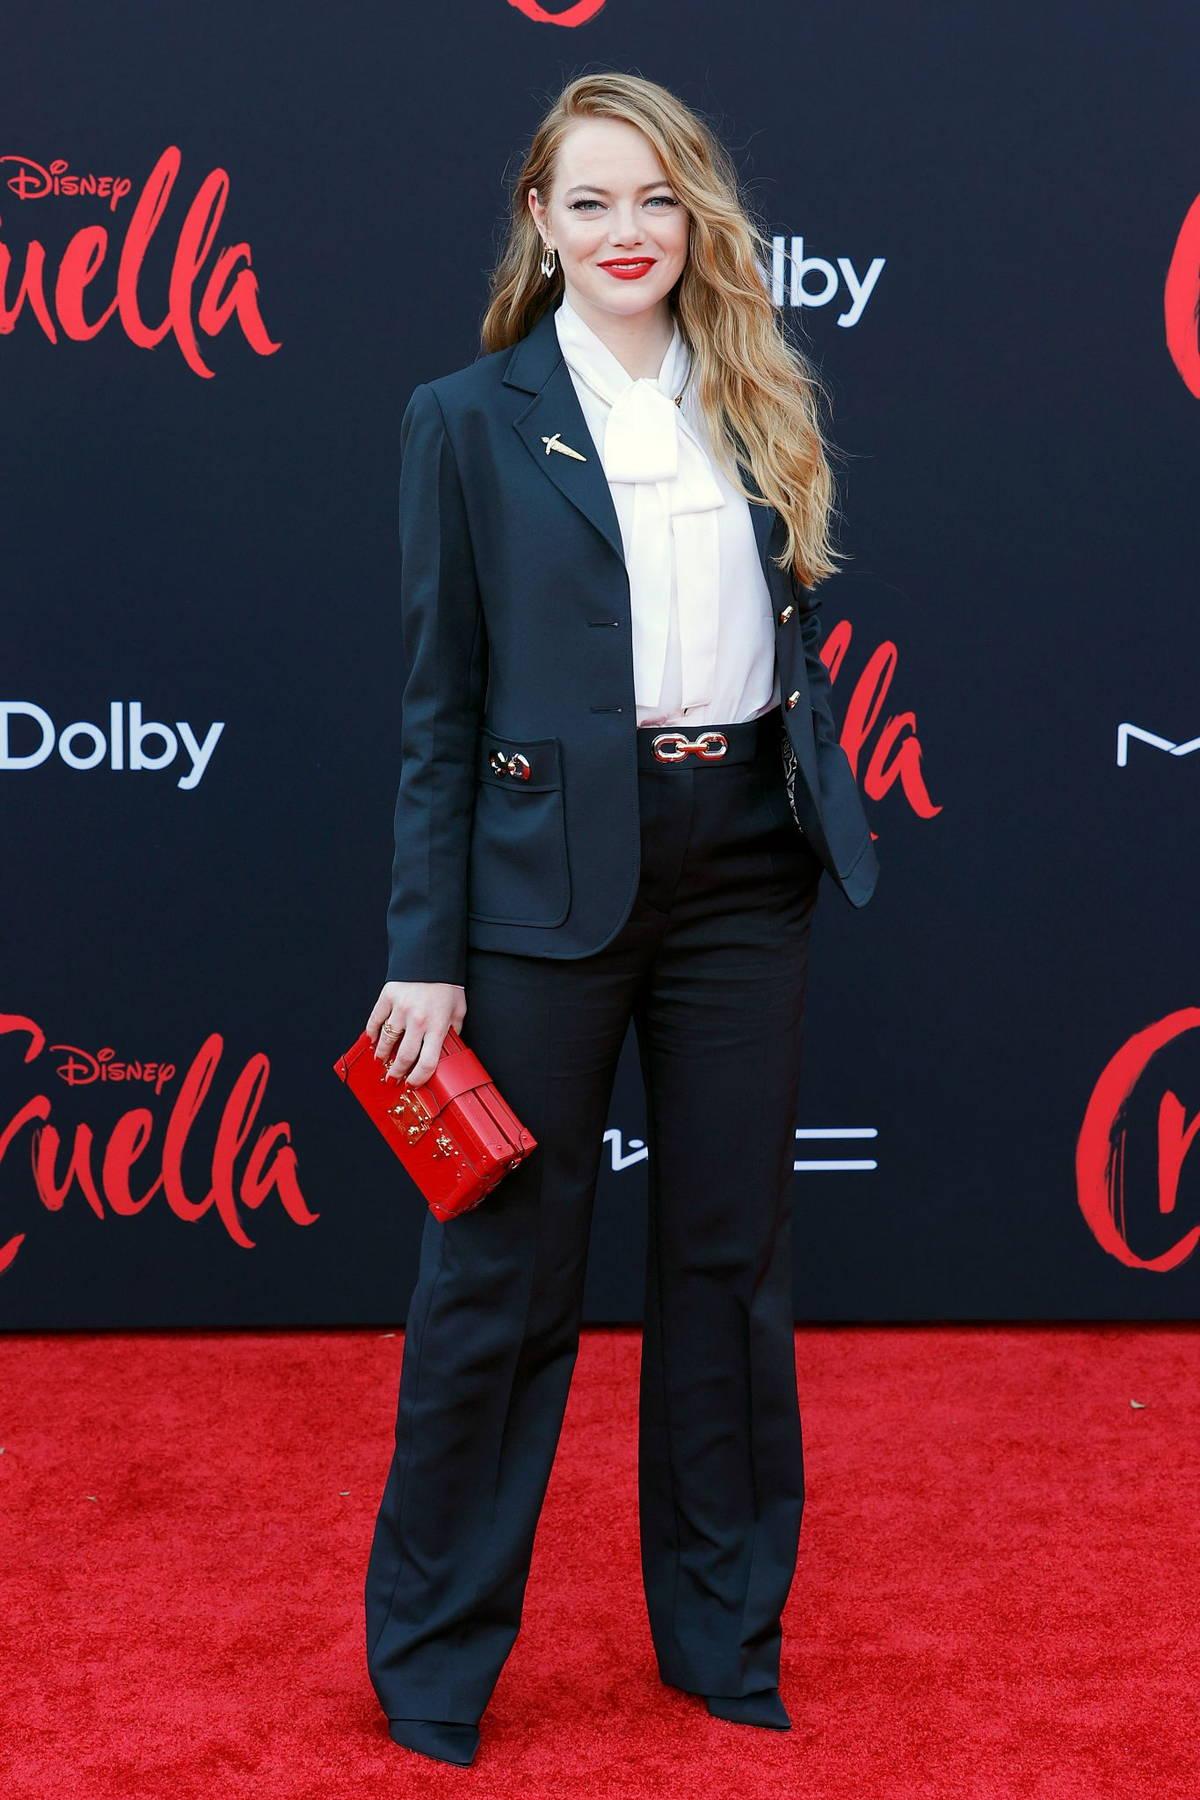 Emma Stone attends the premiere of Disney's 'Cruella' in Los Angeles